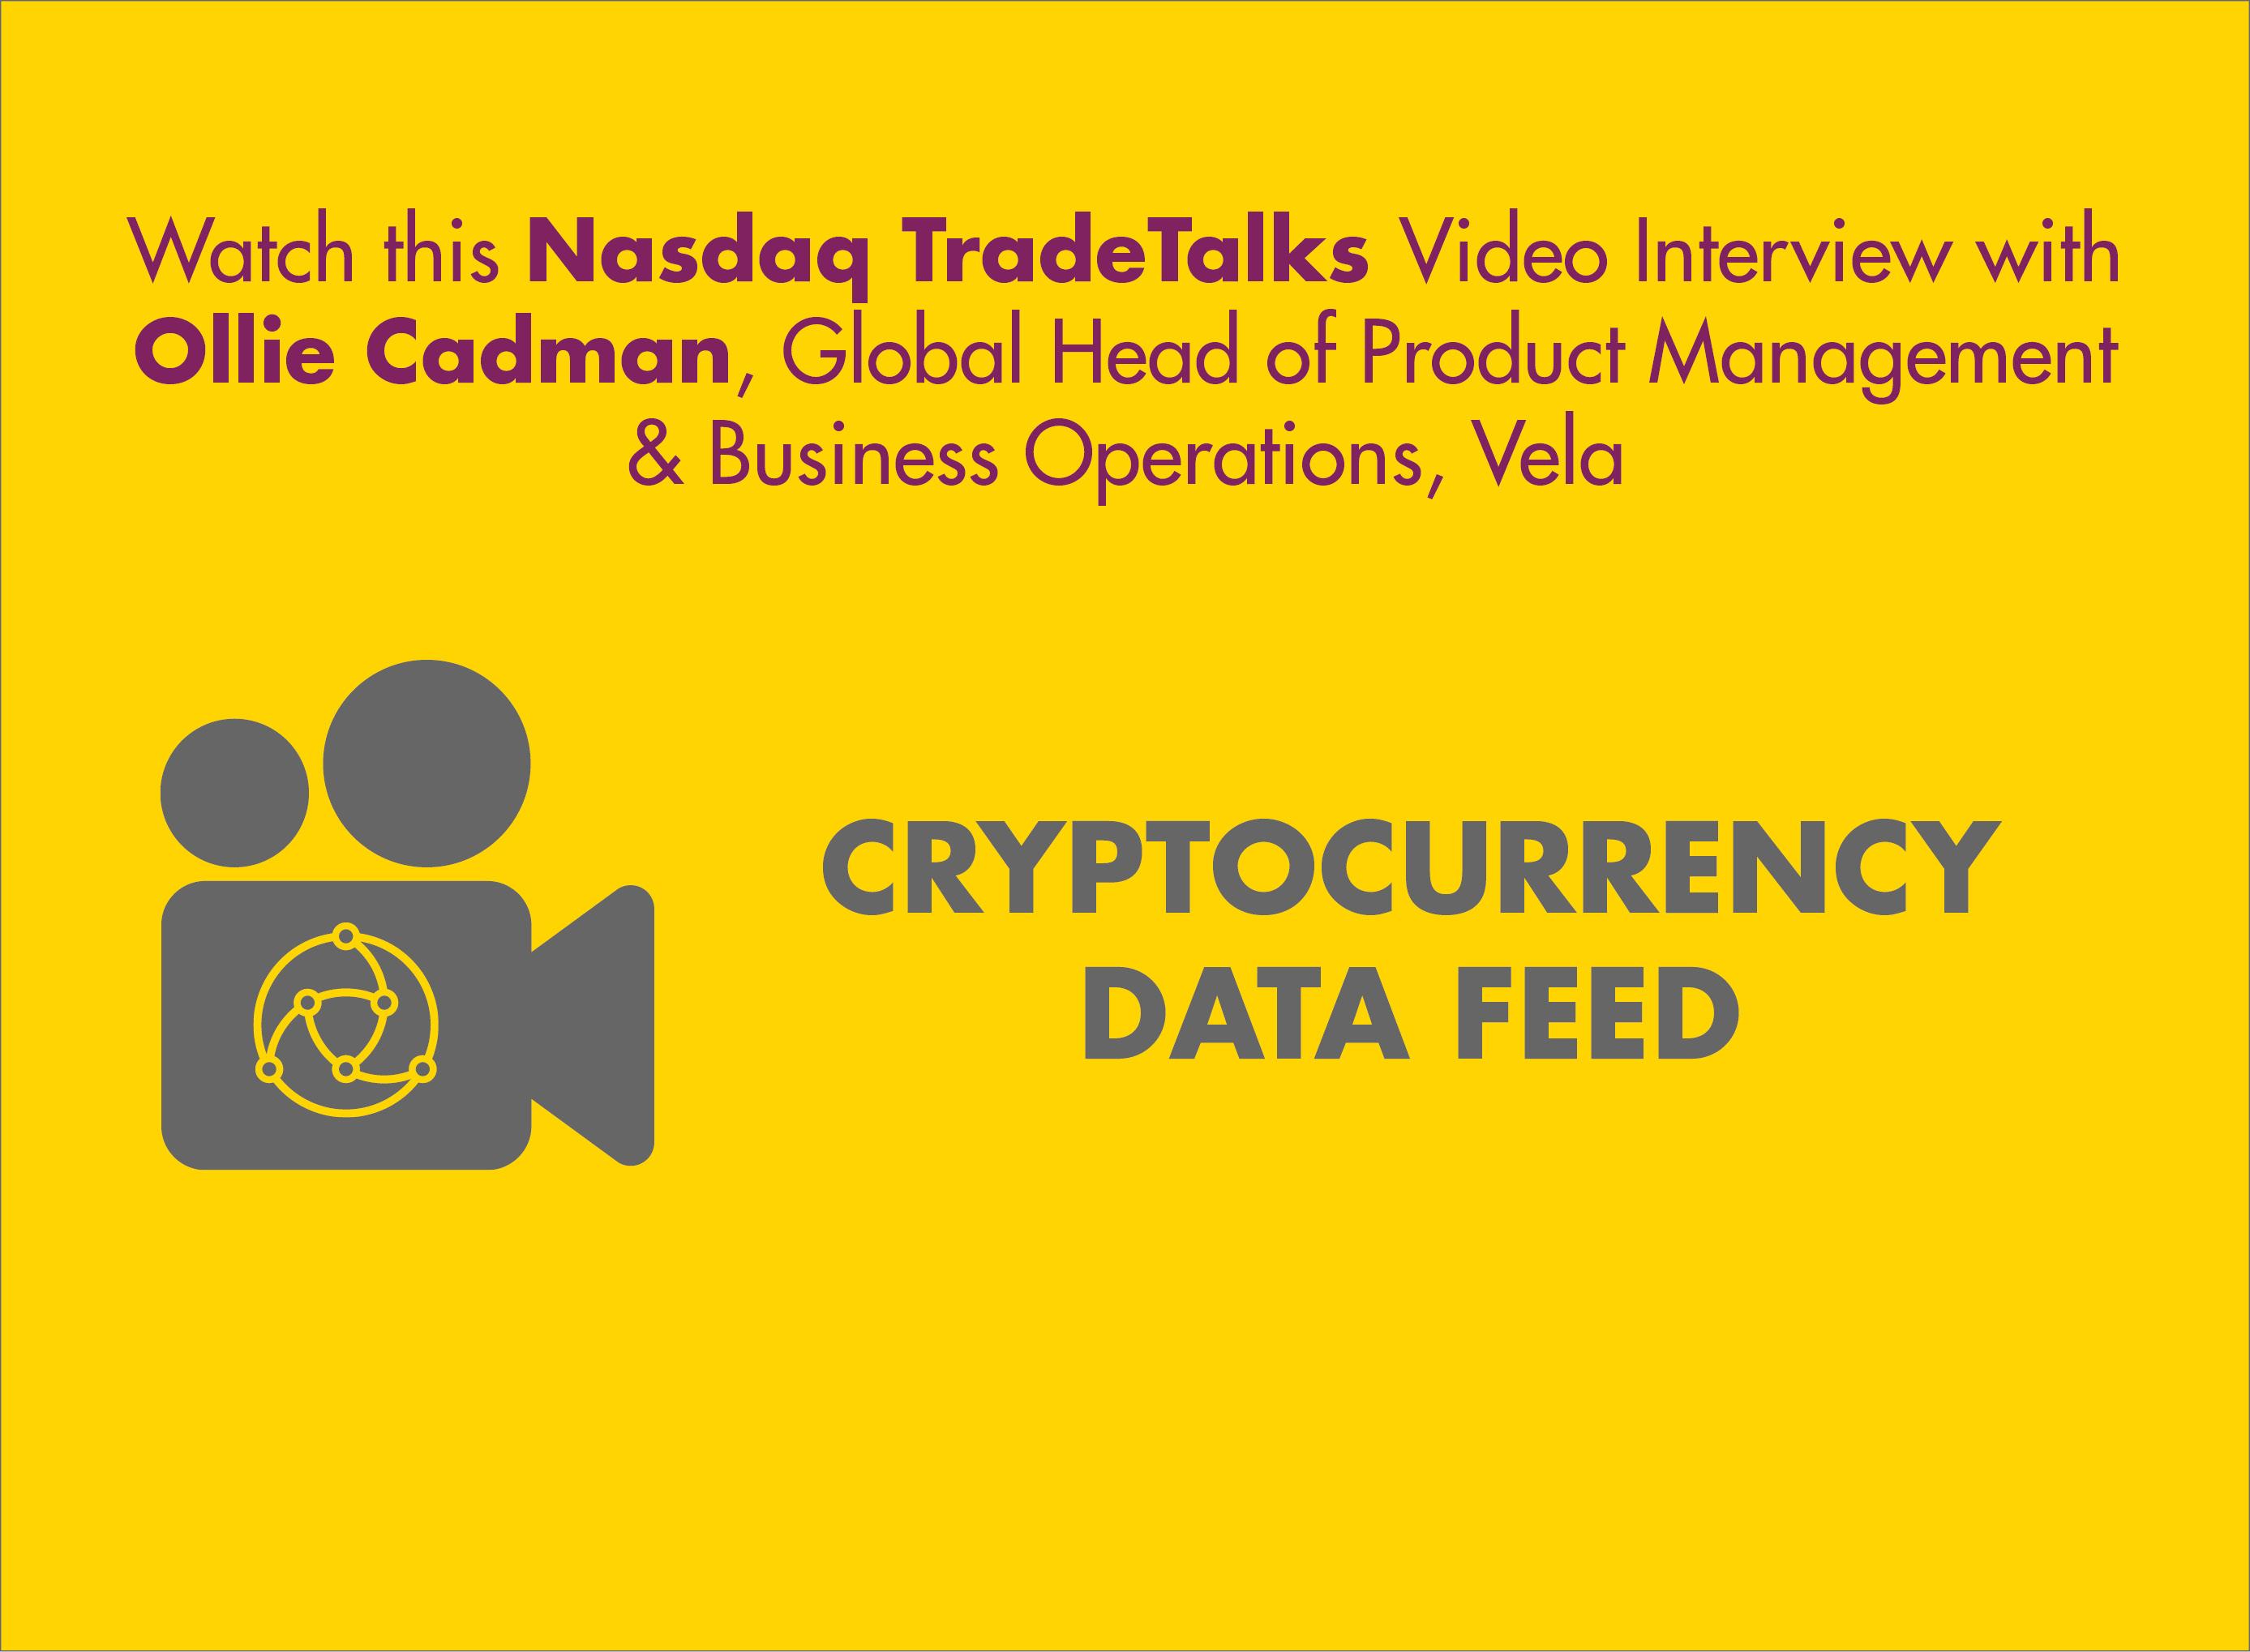 Nasdaq TradeTalks: Cryptocurrency Data Feed